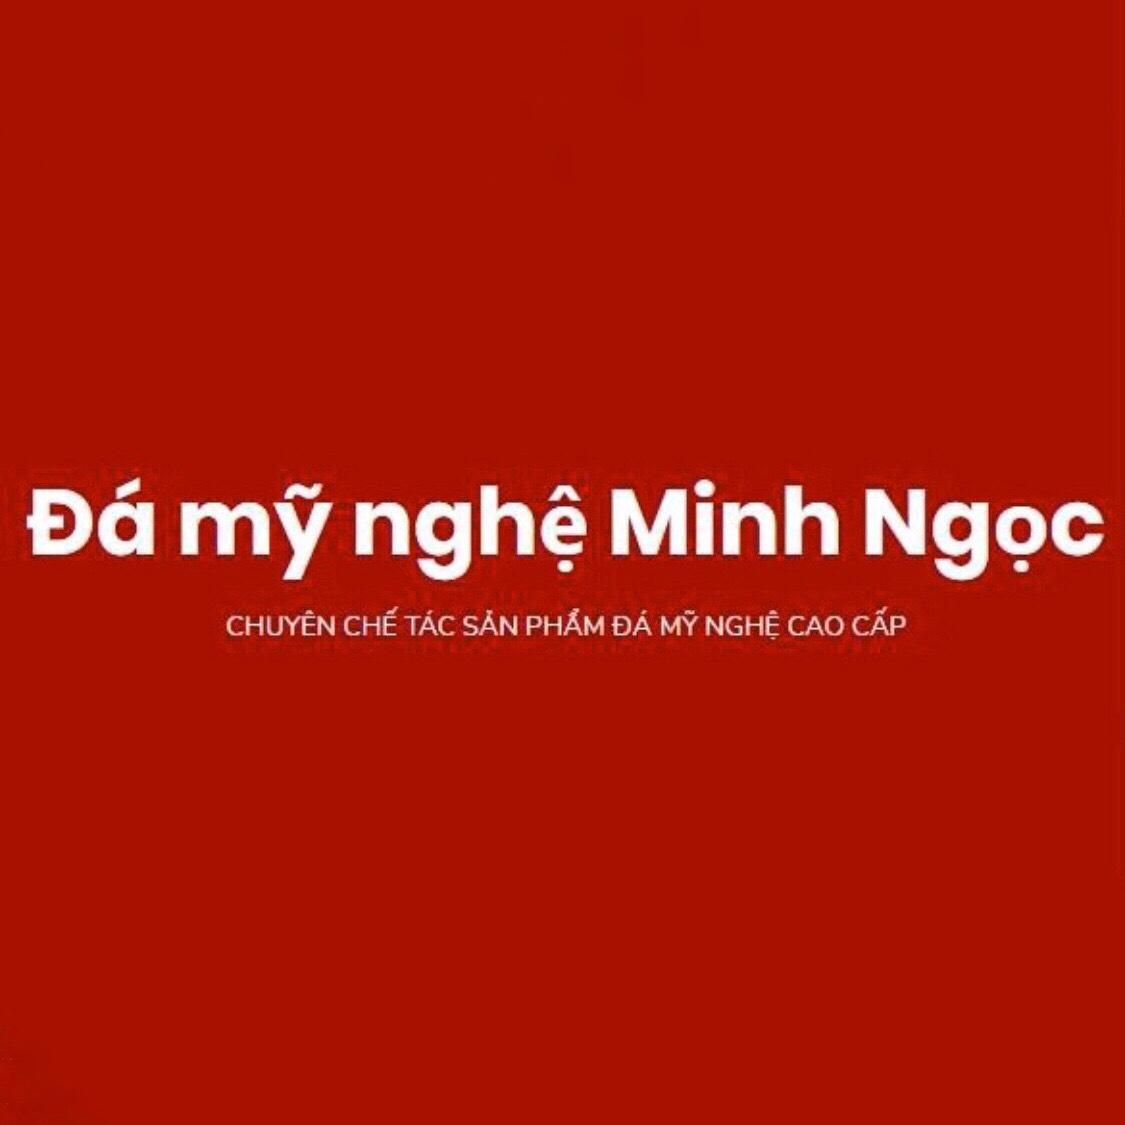 Đá Mỹ Nghệ Minh Ngọc (@damyngheminhngoc) Cover Image